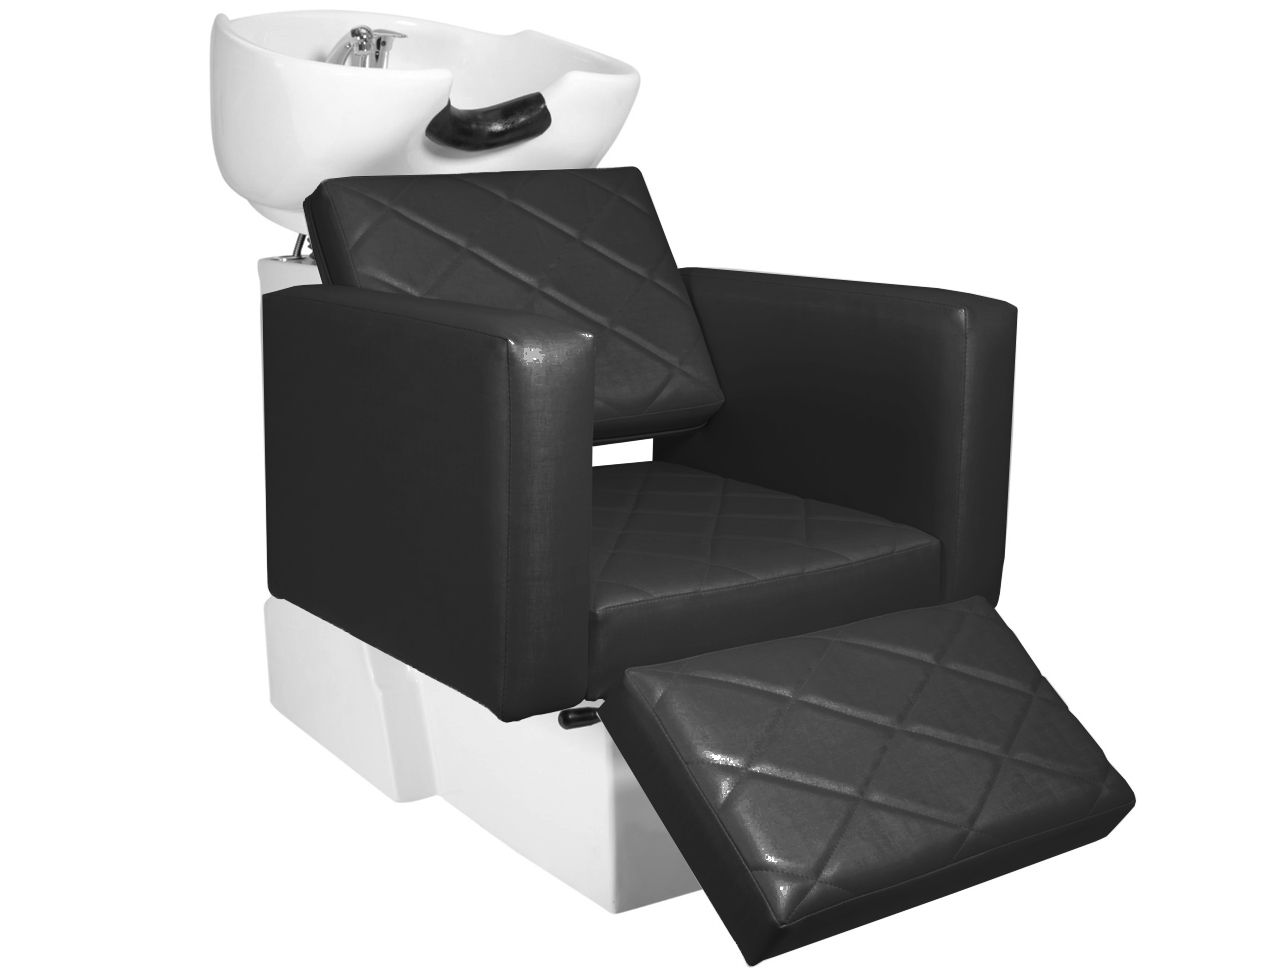 KIT Evidence -1 Cadeira Reclinável Com Descanso de Pé + 1 Lavatório Com Descanso de Pé